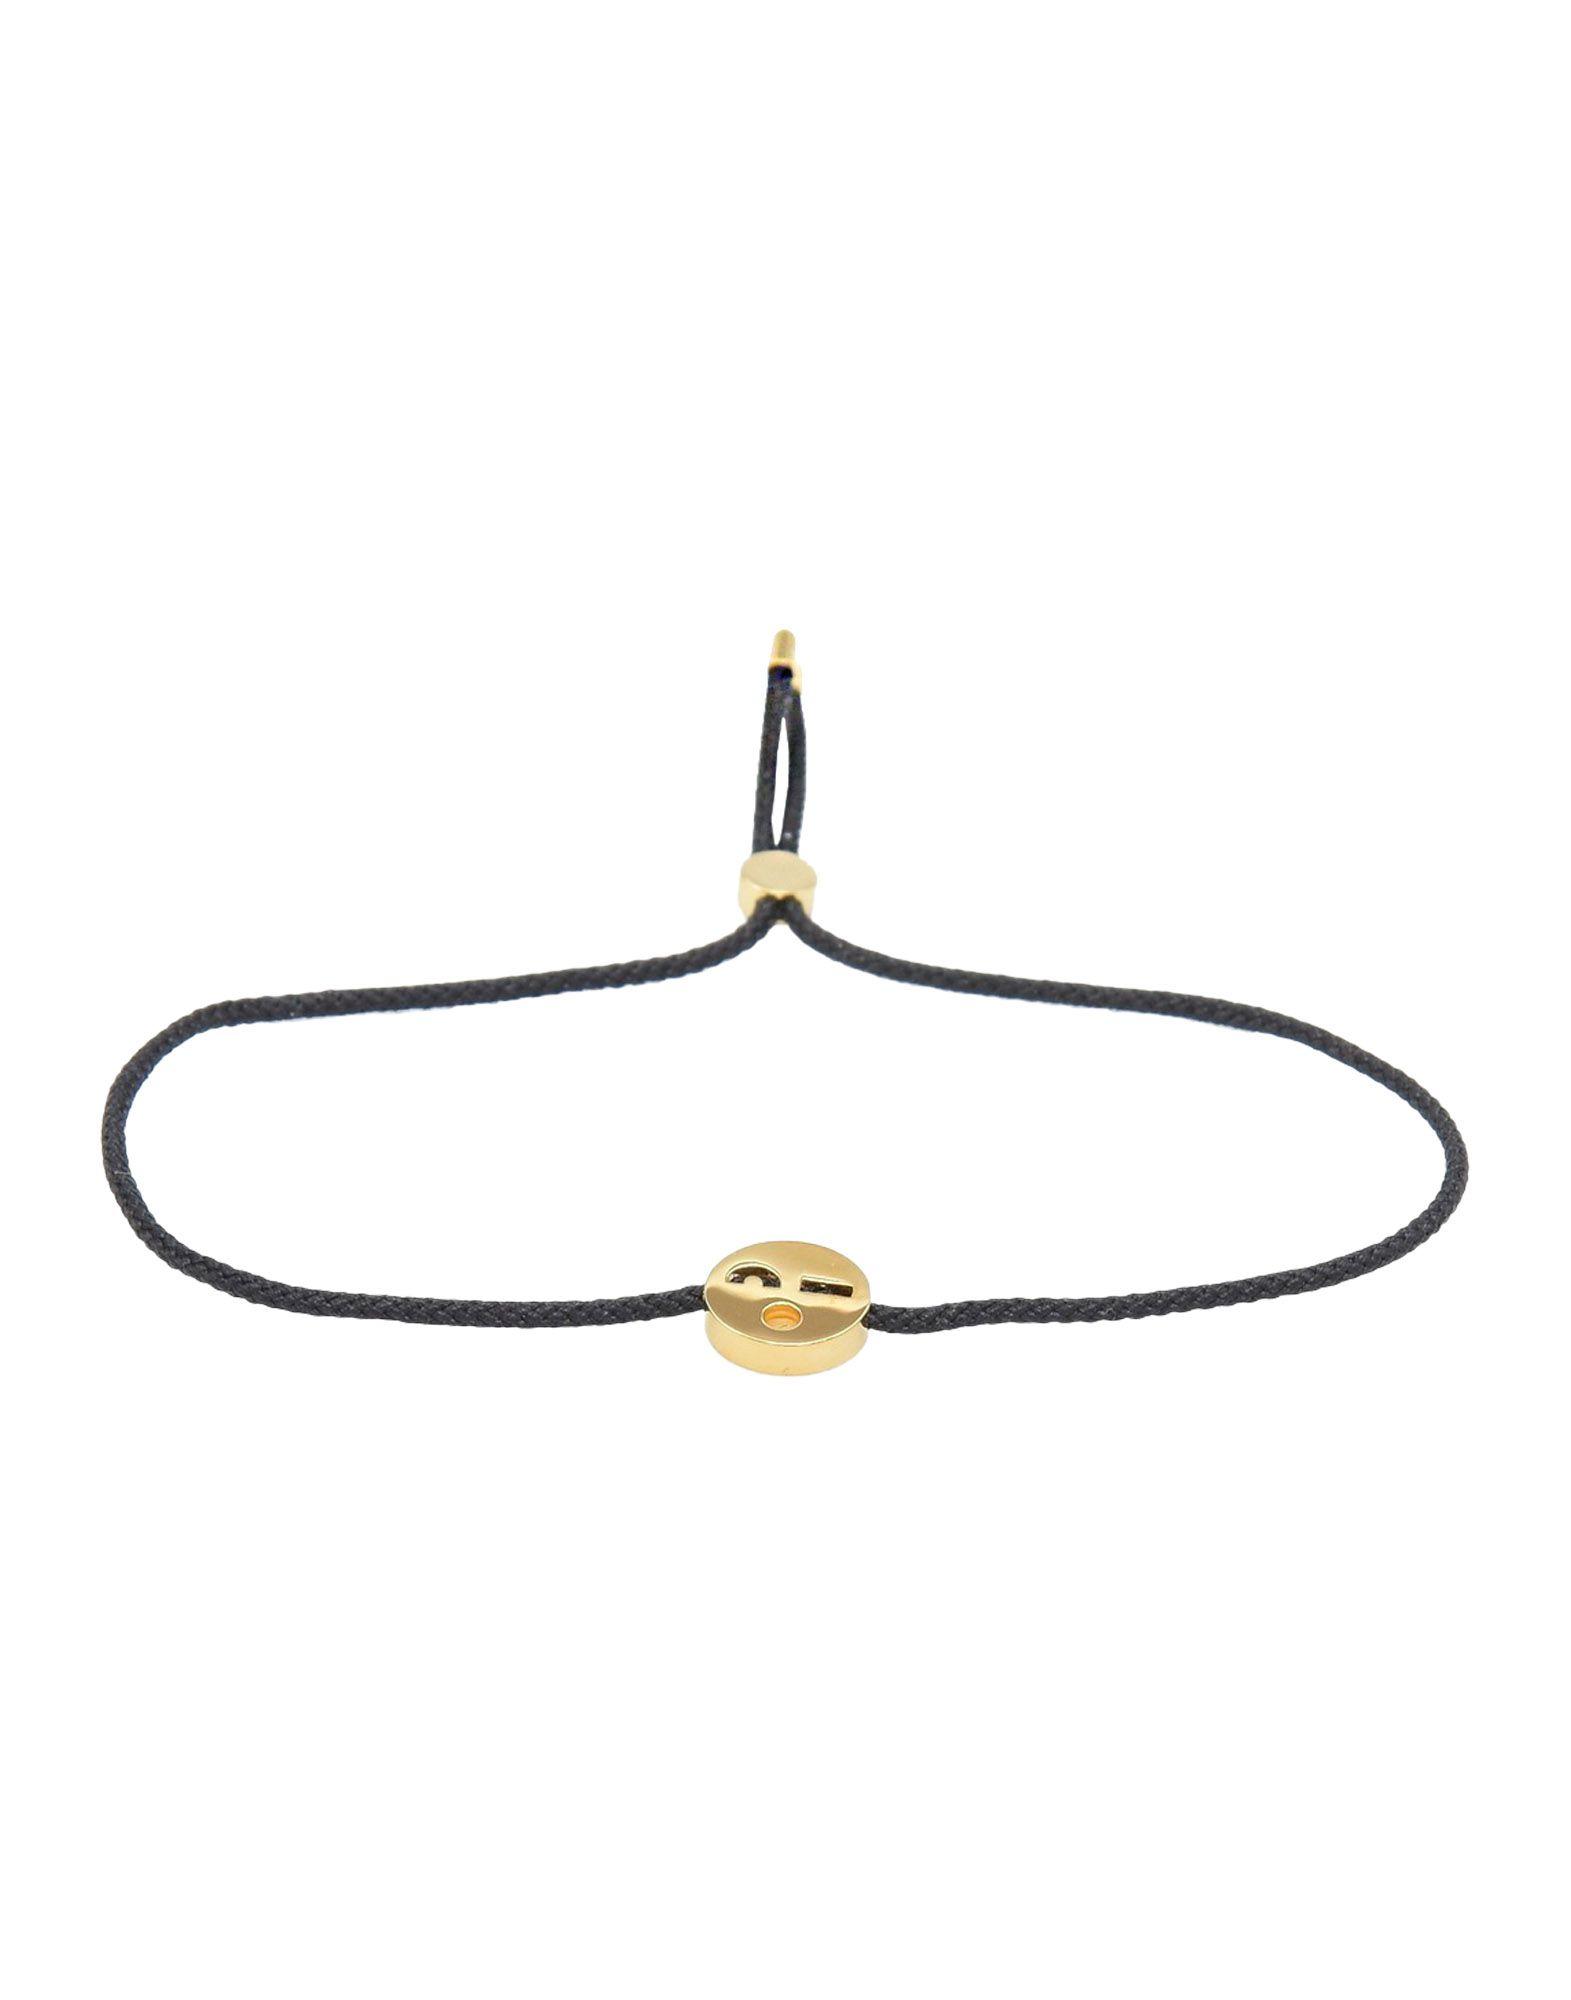 RUIFIER Bracelet in Black